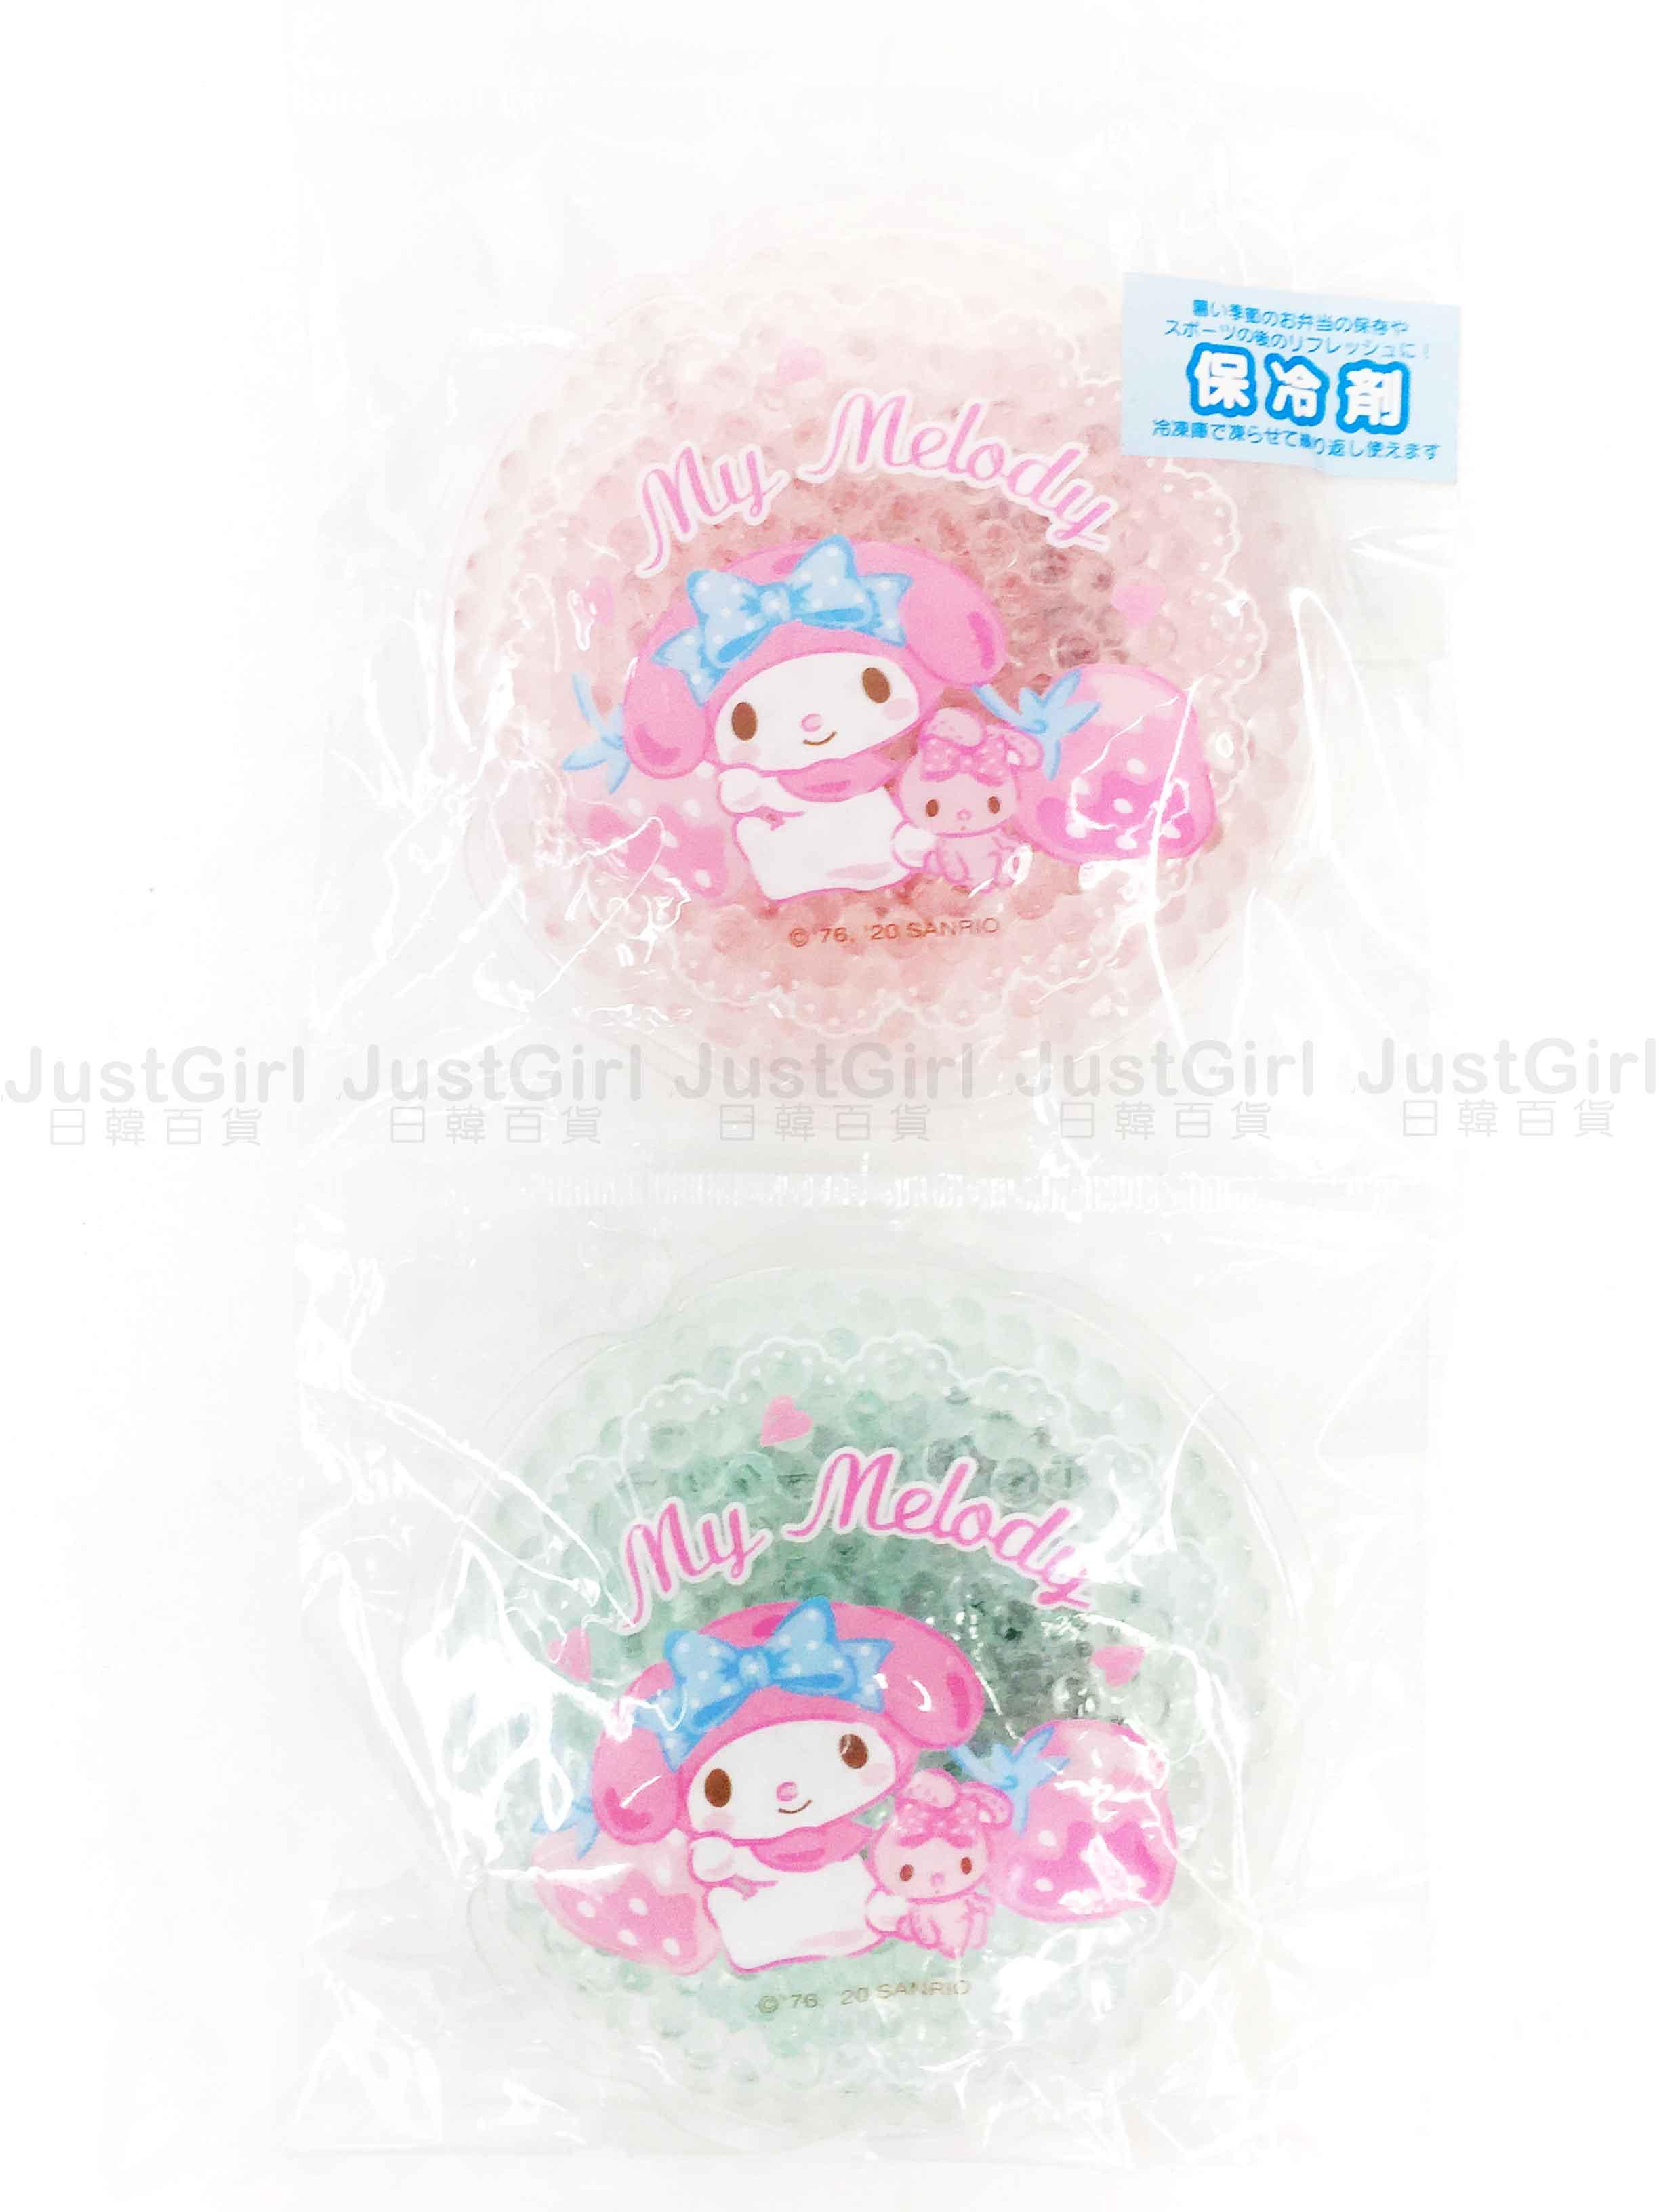 保冷劑 三麗鷗 KITTY 布丁狗 雙子星 大耳狗 酷洛米 美樂蒂 2入組 保冰劑 日本進口正版授權